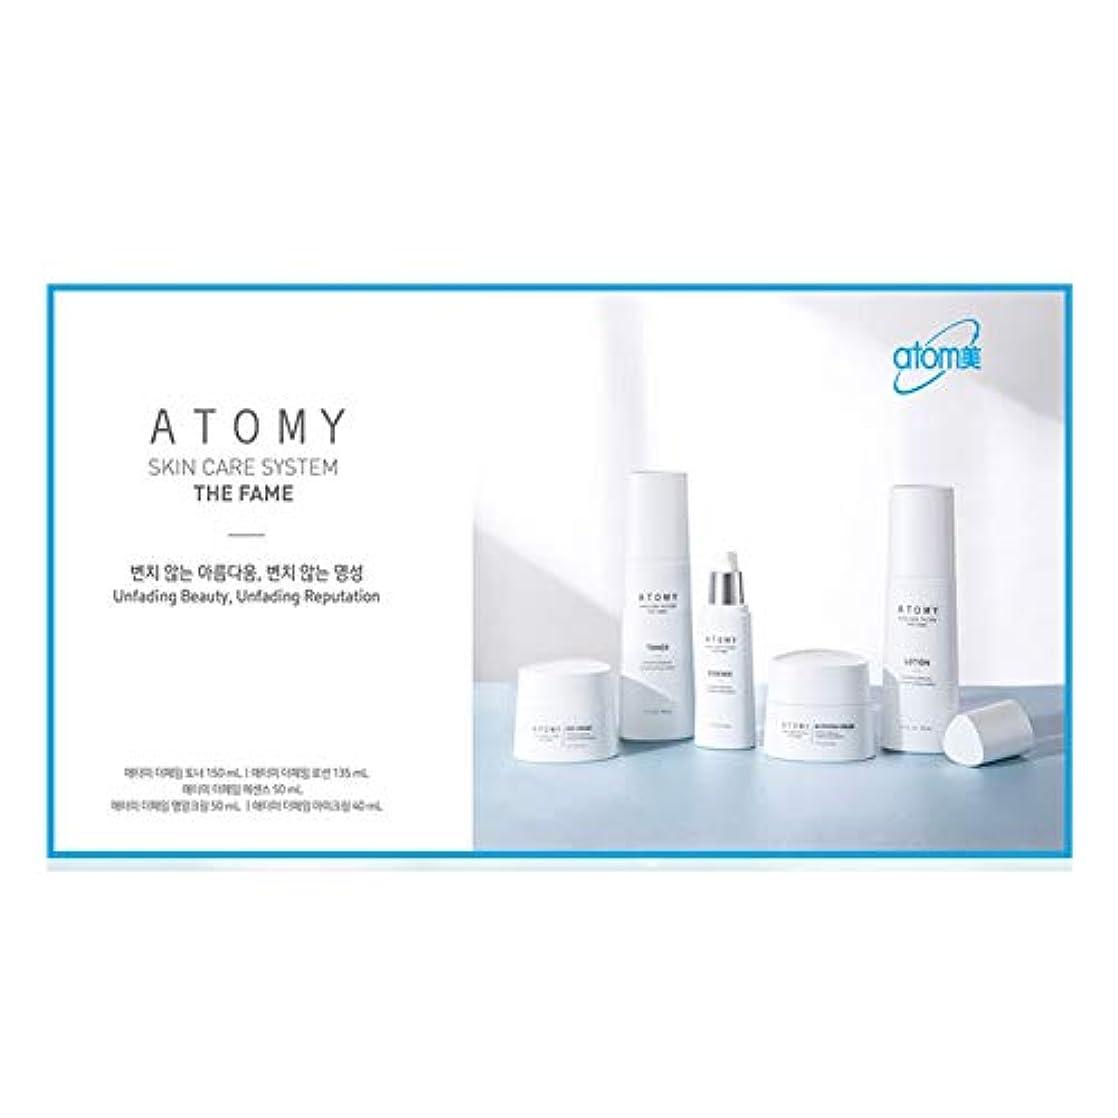 バーガー液化する連合アトミザ?フェームエッセンス50ml韓国コスメ、Atomy The Fame Essence 50ml Korean Cosmetics [並行輸入品]